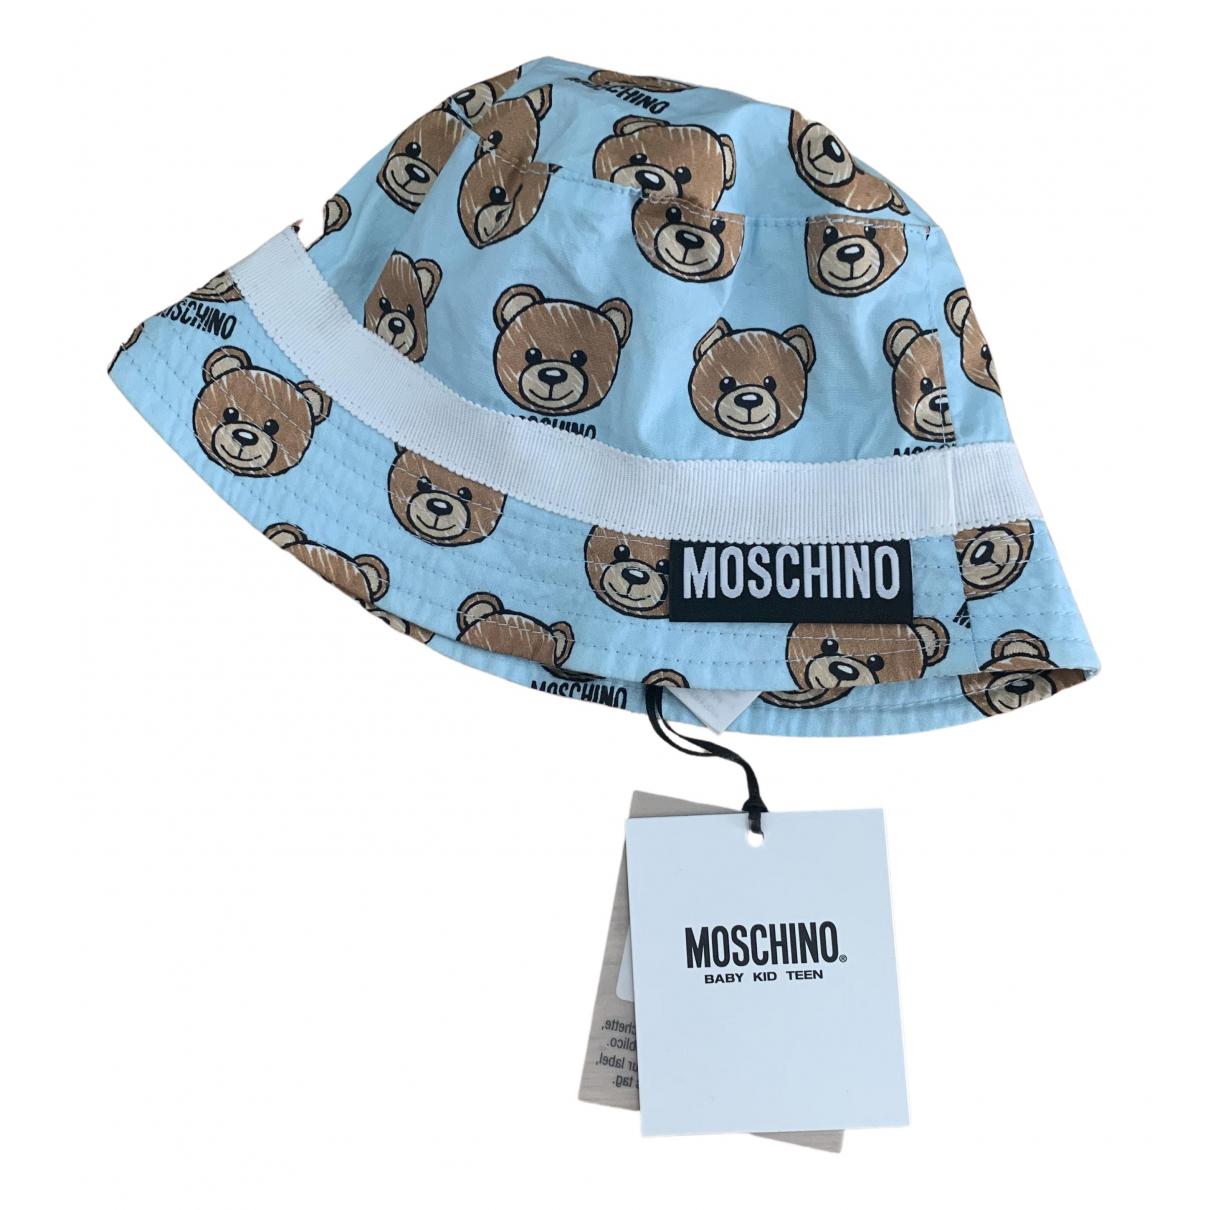 Moschino \N Hut, Muetzen, Handschuhe in  Blau Baumwolle